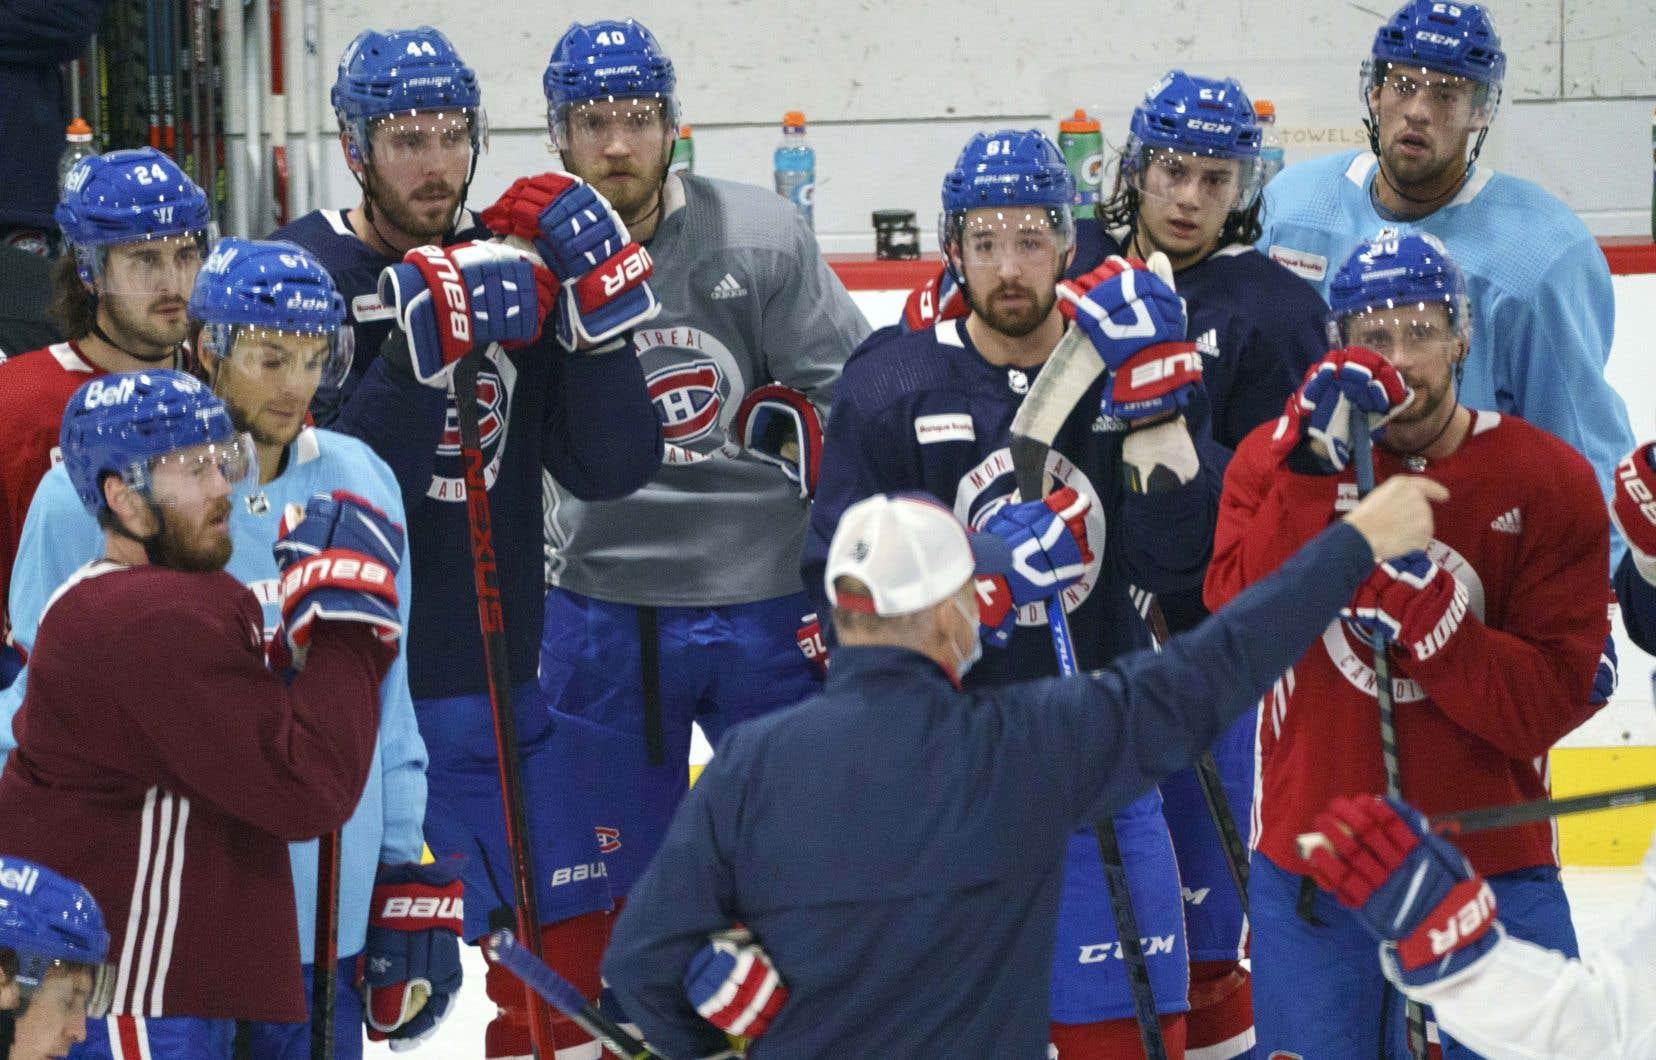 Les joueurs du Tricolore écoutant attentivement les commentaires de Claude Julien lors d'une séance d'entrainement sur la patinoire à Brossard, près de Montréal, le 5 janvier dernier.